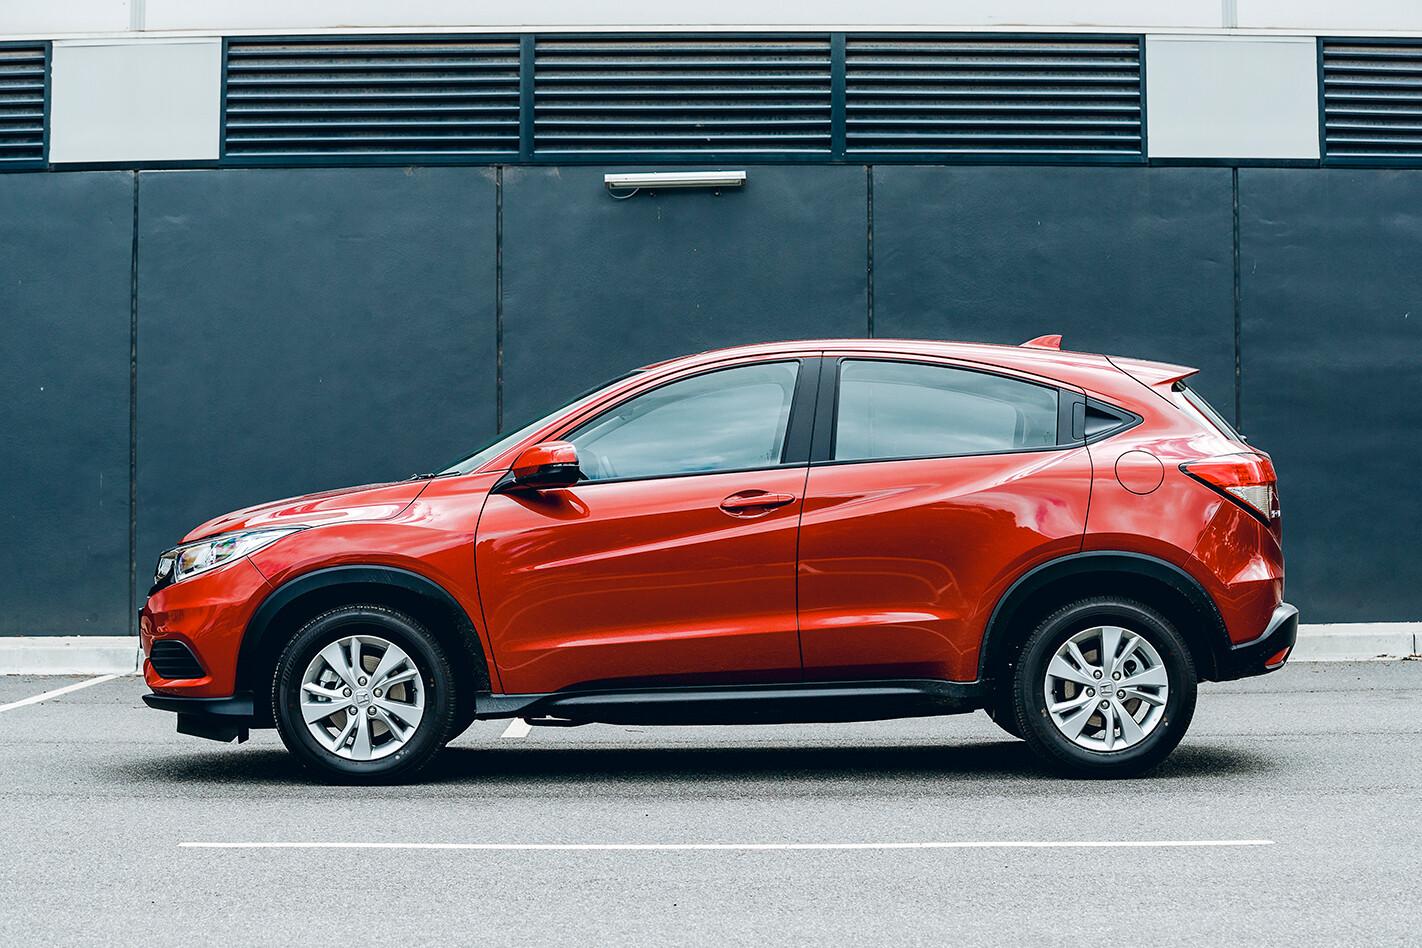 2020 Honda HR-V exterior